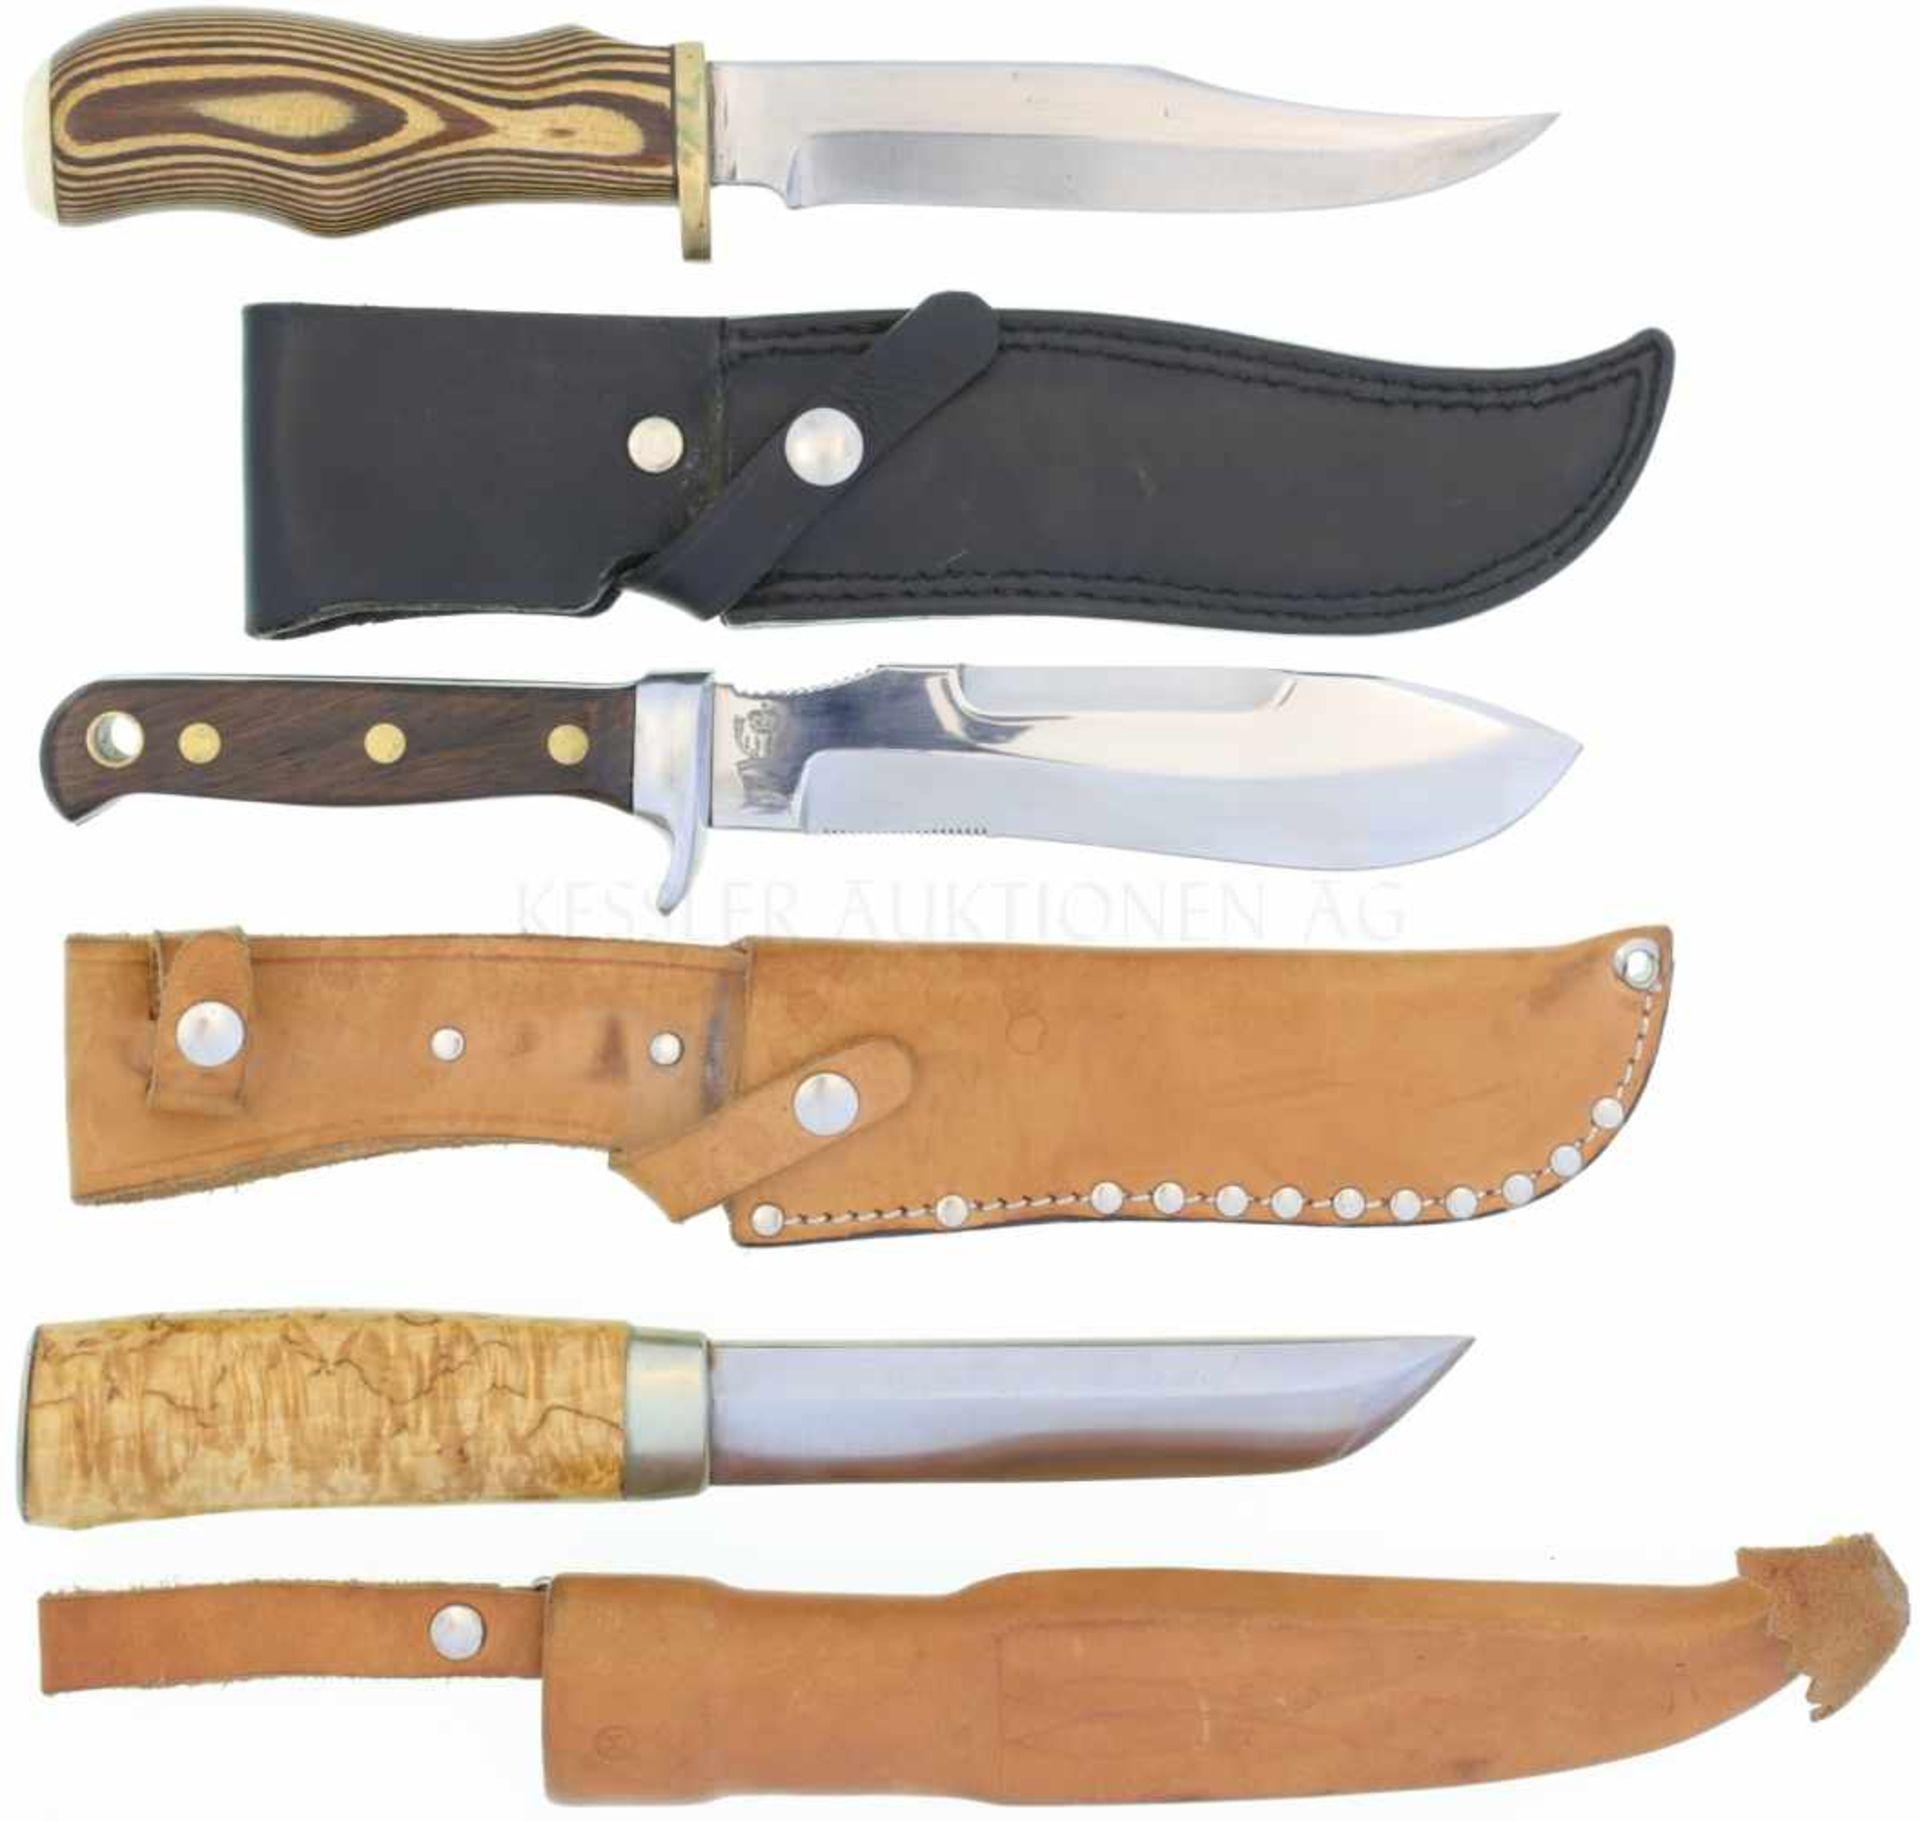 Los 39 - Konvolut von 3 Messern 1. Finnenmesser von J.Martiini, KL 138mm, TL 260mm, Rückenklinge in Tantoform